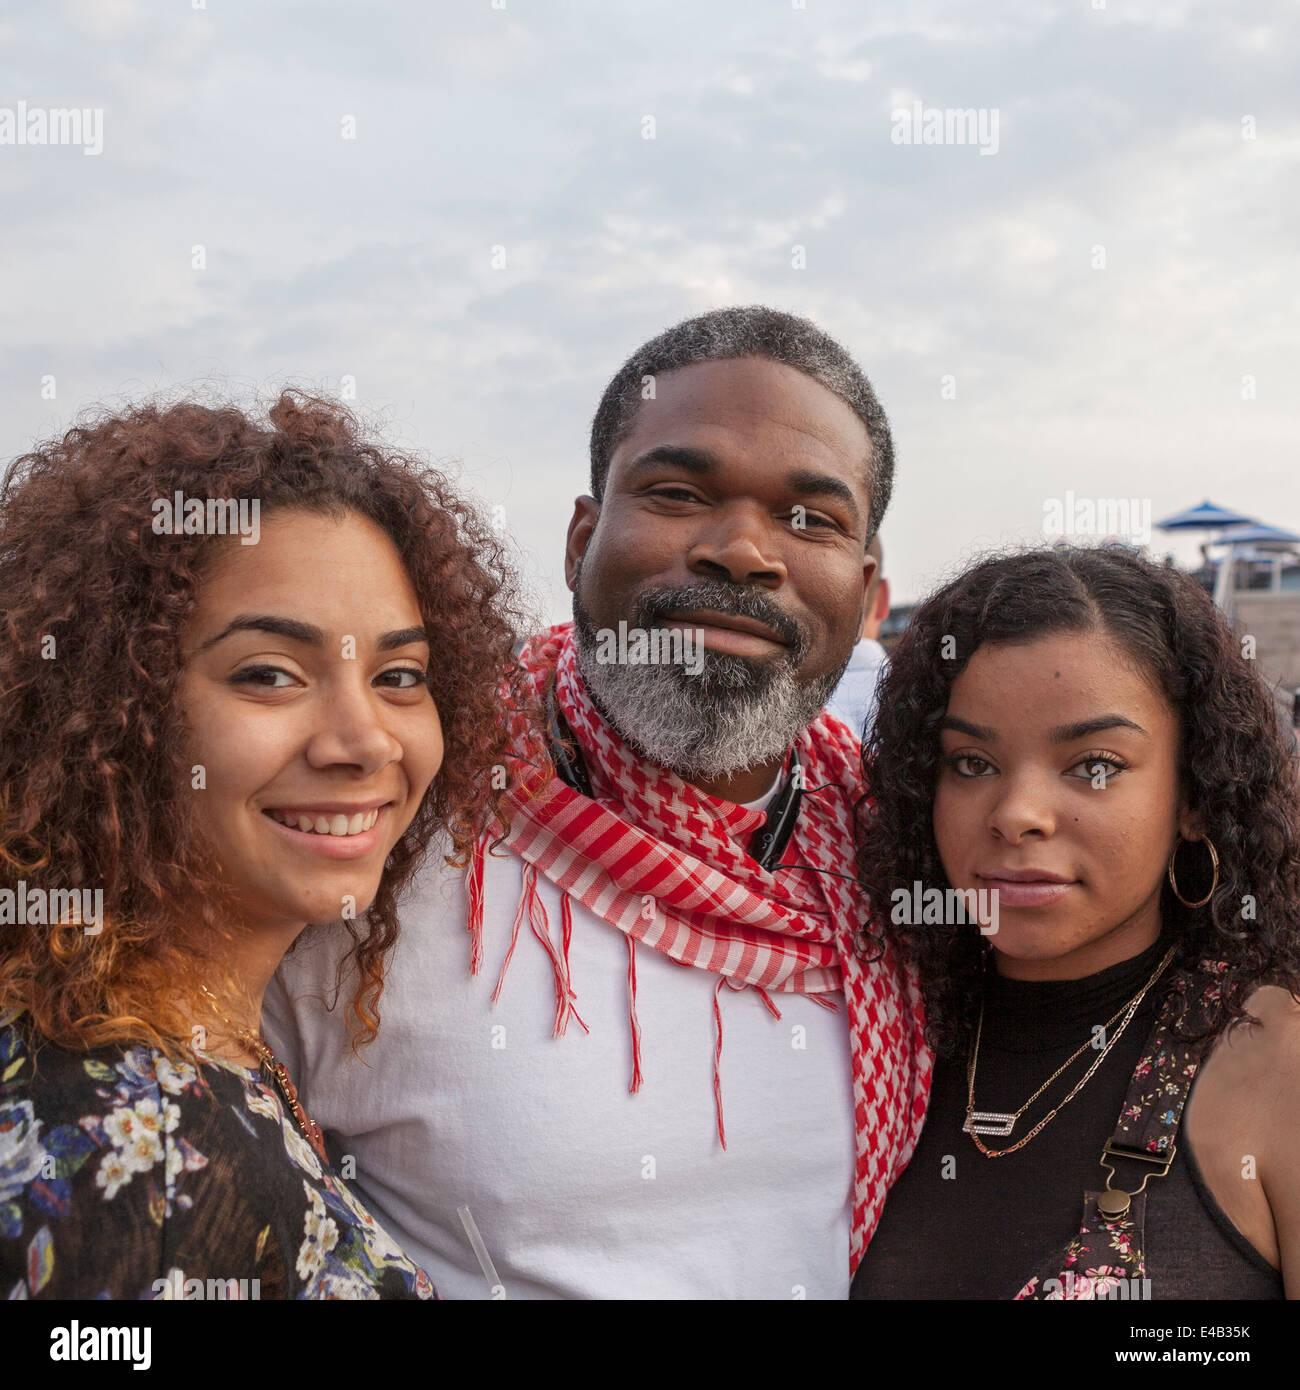 Um pai se destaca com suas duas filhas no Summerfest, um festival de música anual realizada em Milwaukee, Wisconsin Imagens de Stock